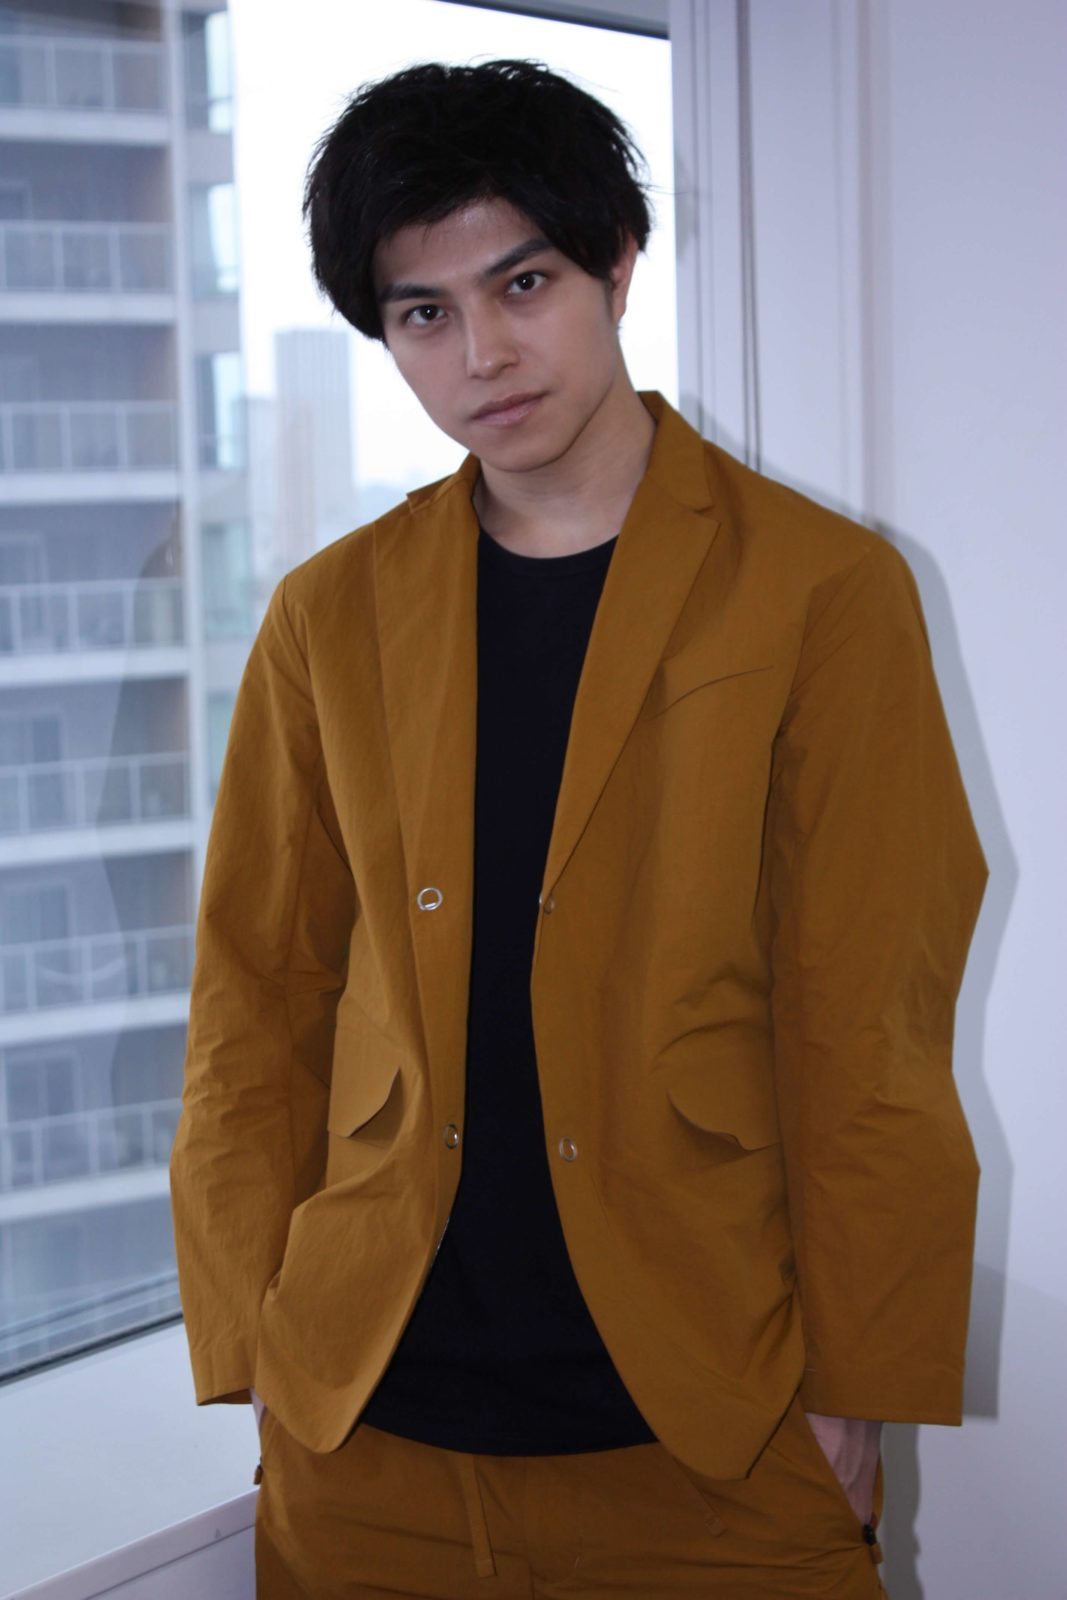 ドラマ『向かいのバズる家族』で内田理央の弟を演じる那智、初出演ドラマとこれからについて語る画像96336